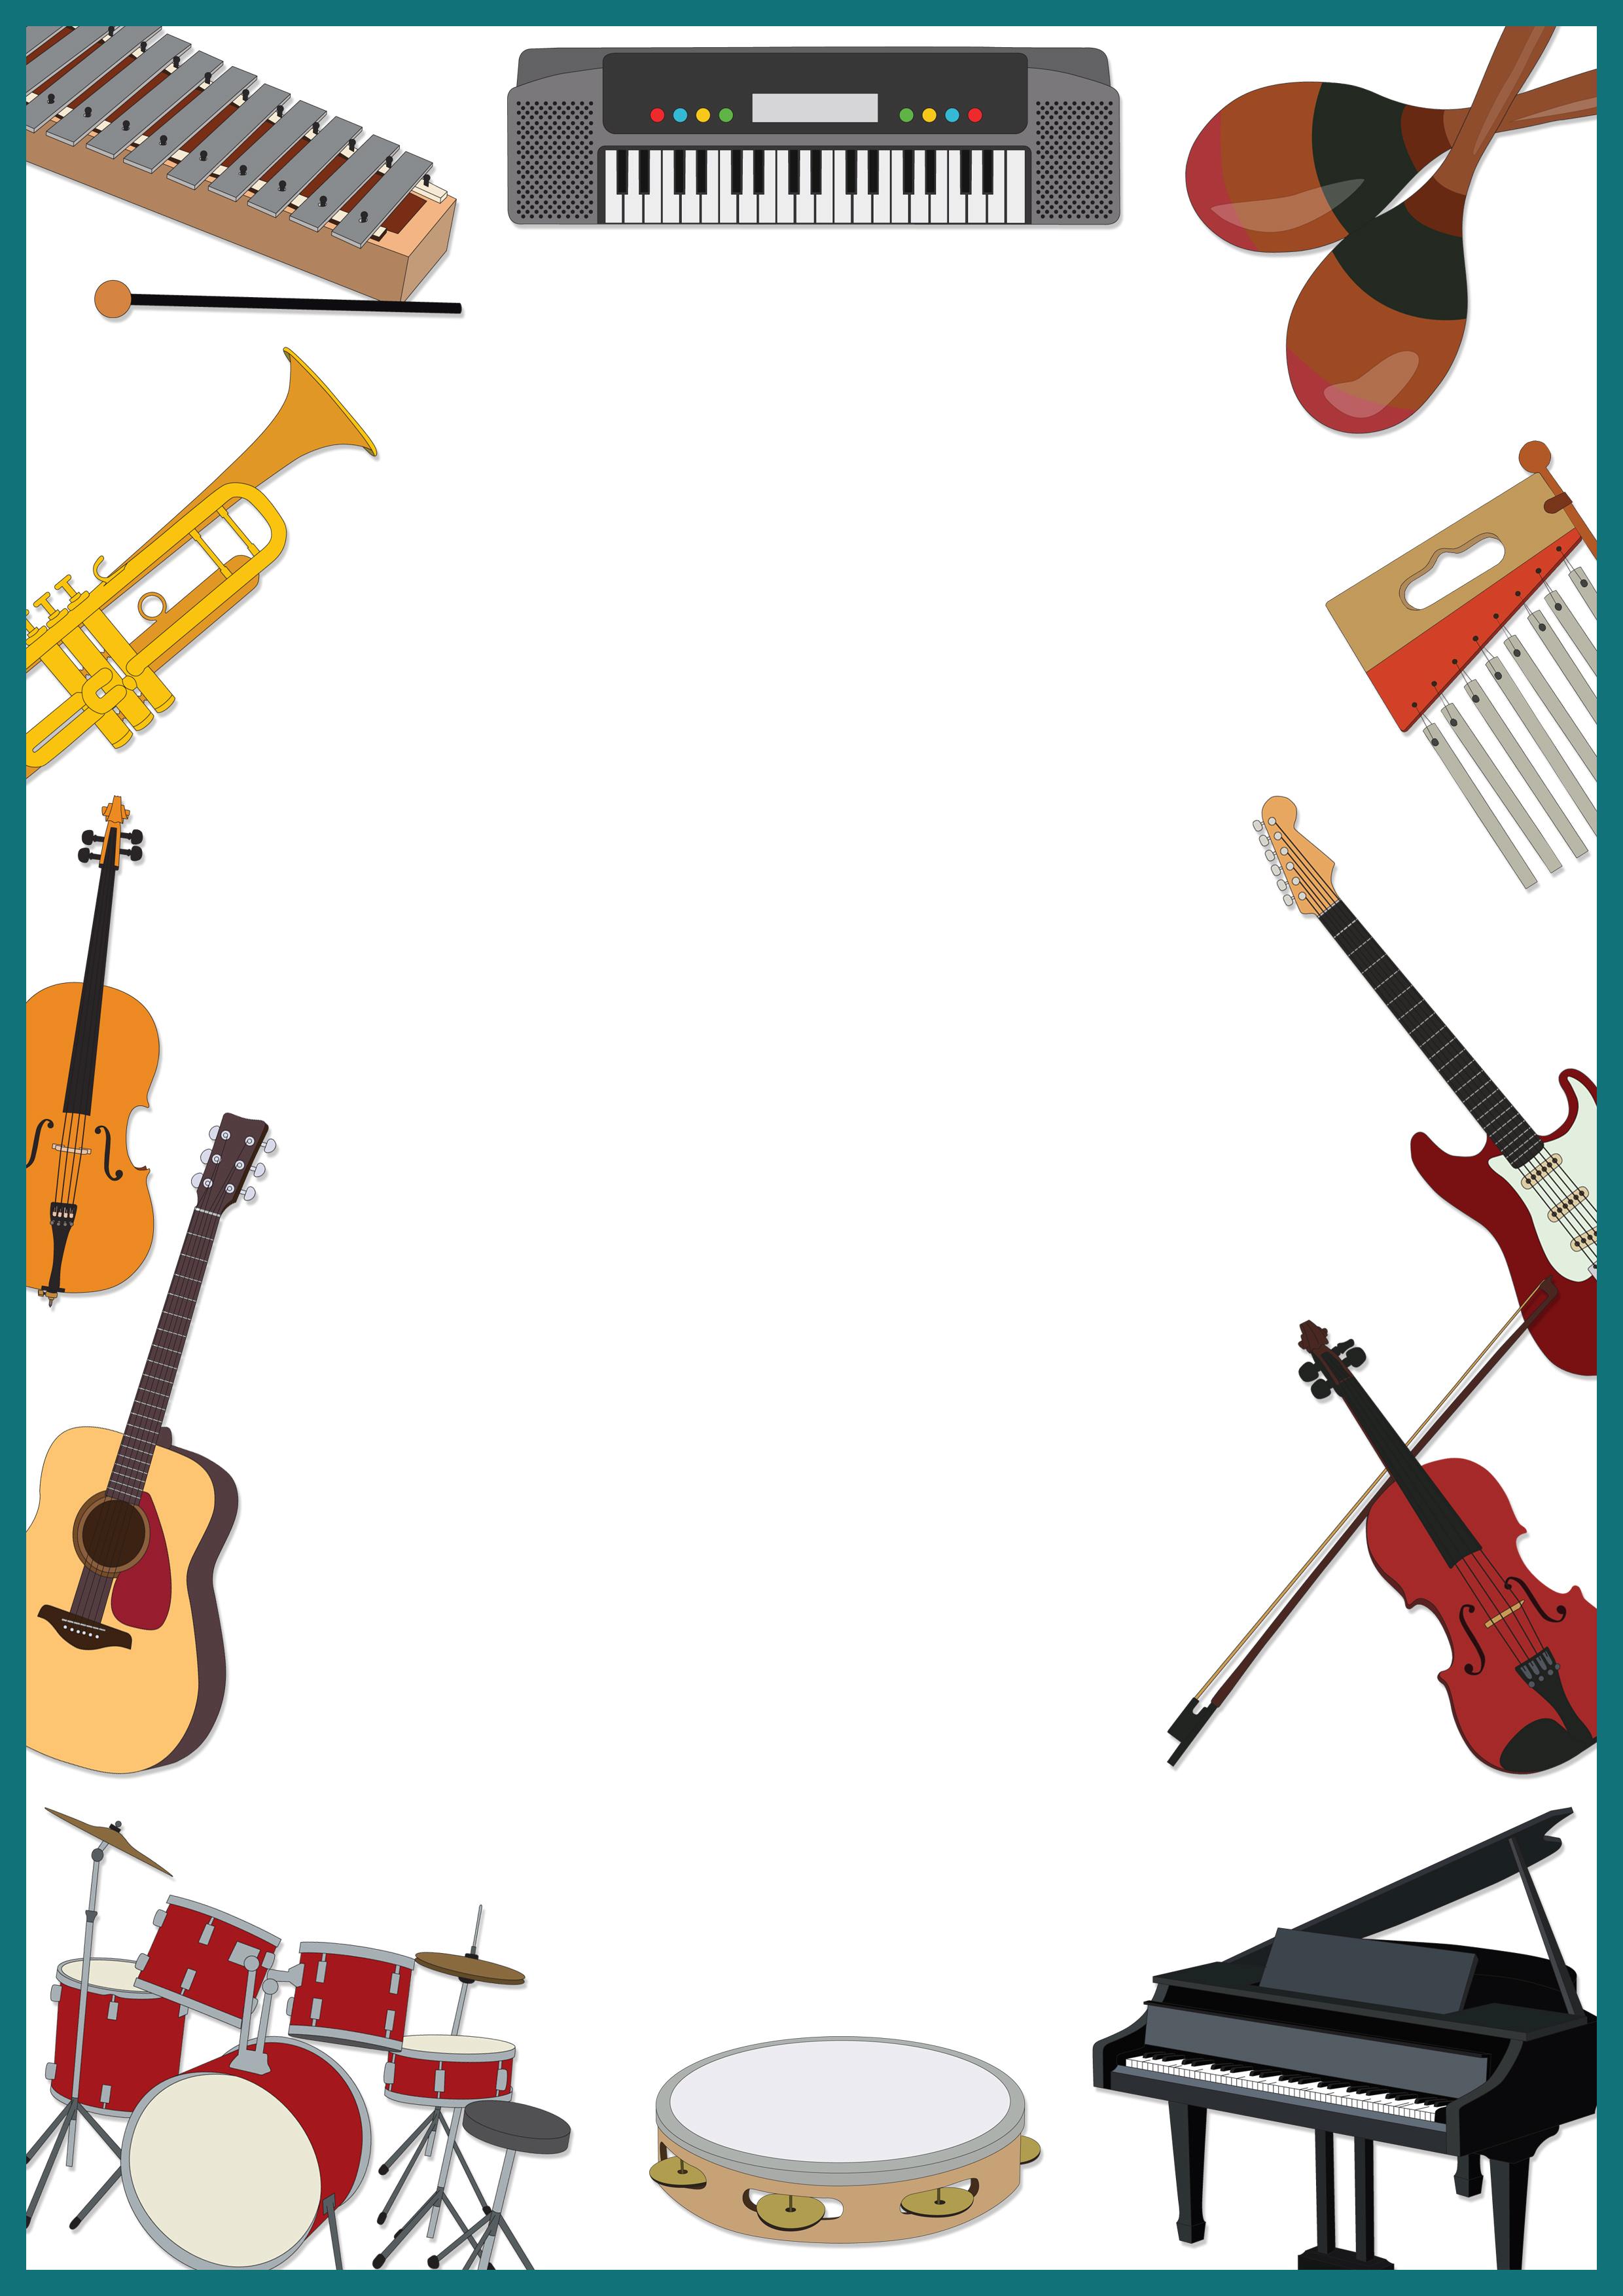 Frame border er eveli ka t pinterest stationary - Guitar border wallpaper ...